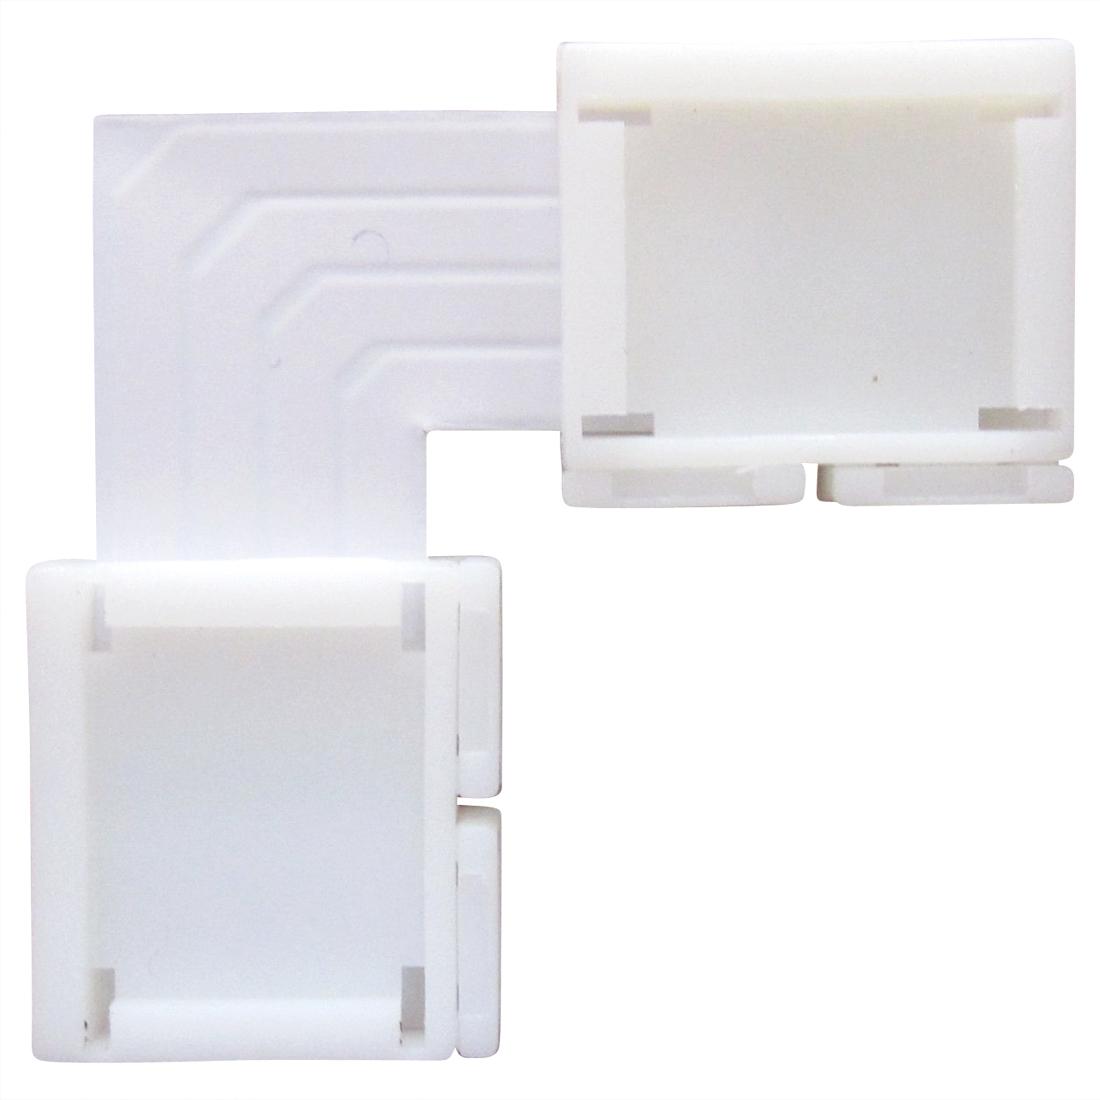 led streifen rgb eck 90 mit 2 verbindern led rgb led. Black Bedroom Furniture Sets. Home Design Ideas